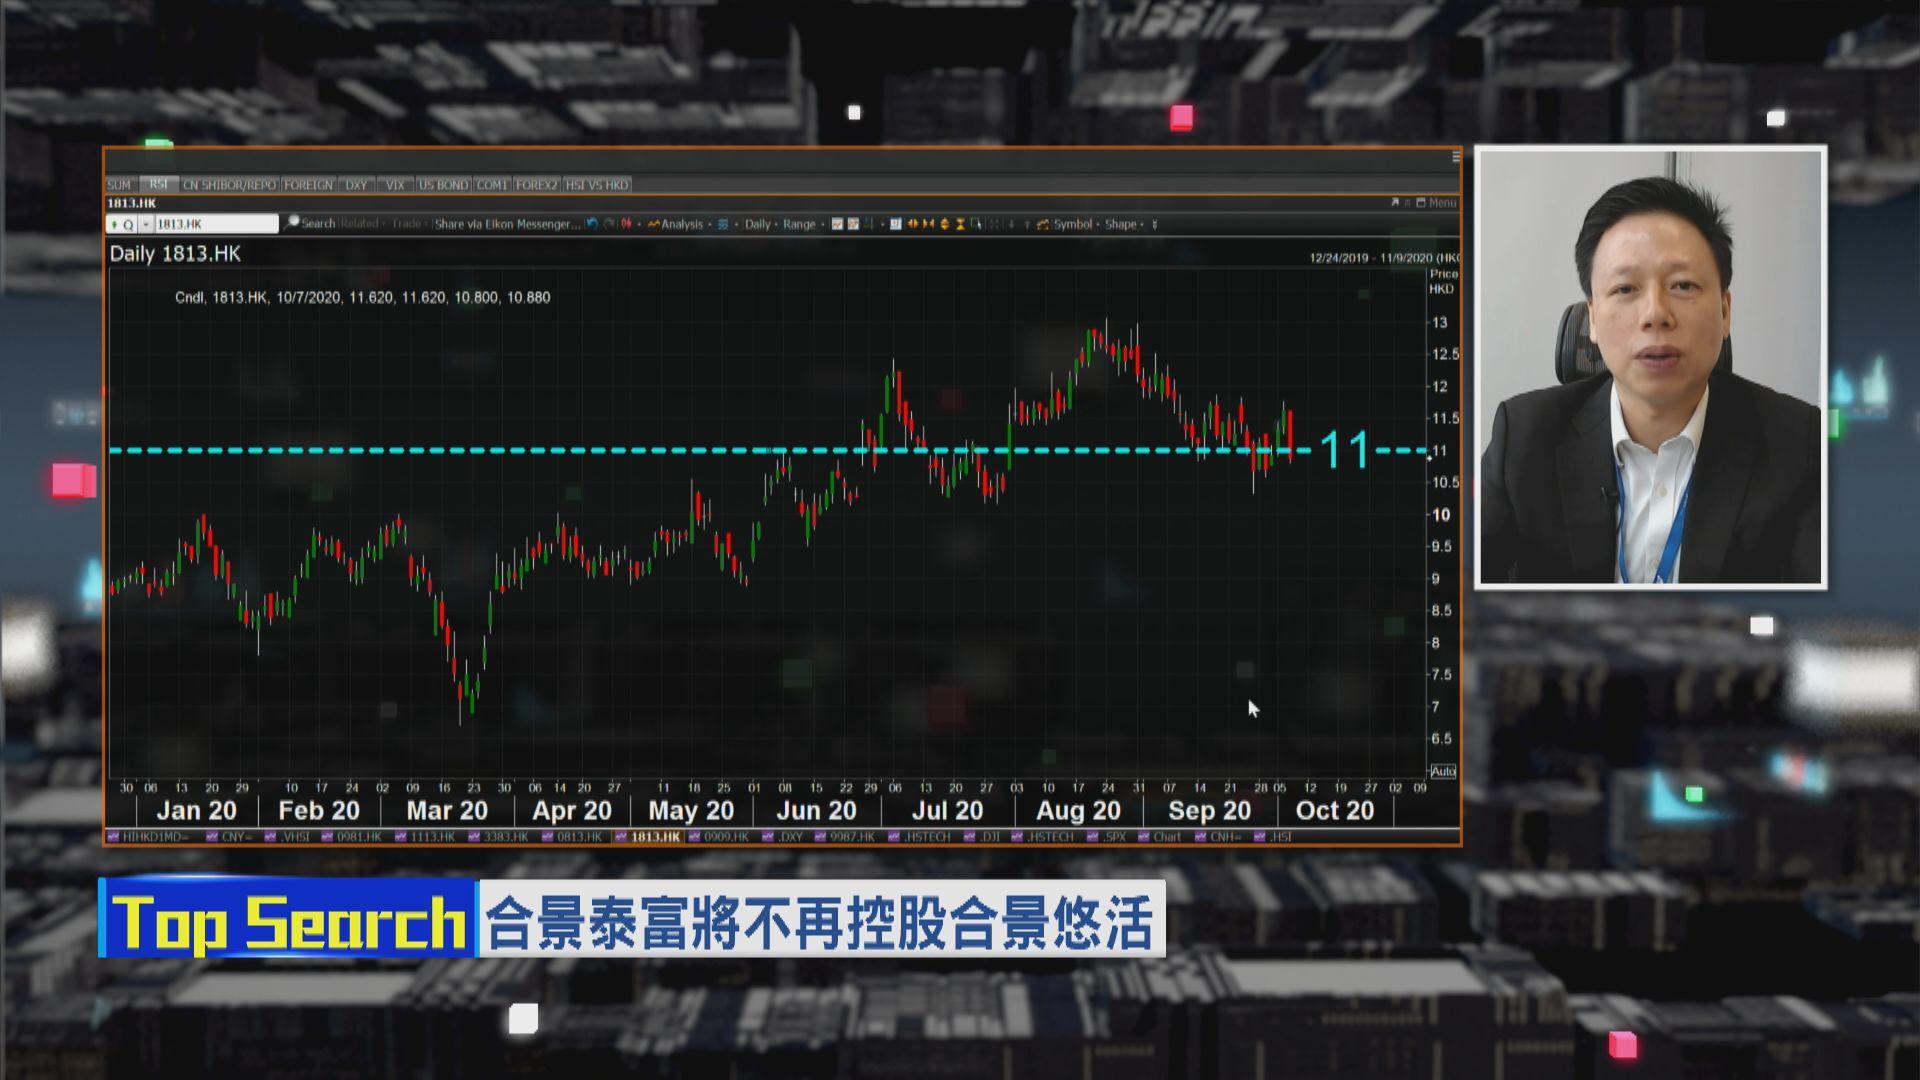 【財經TOP SEARCH】合景泰富分拆物管業務上市